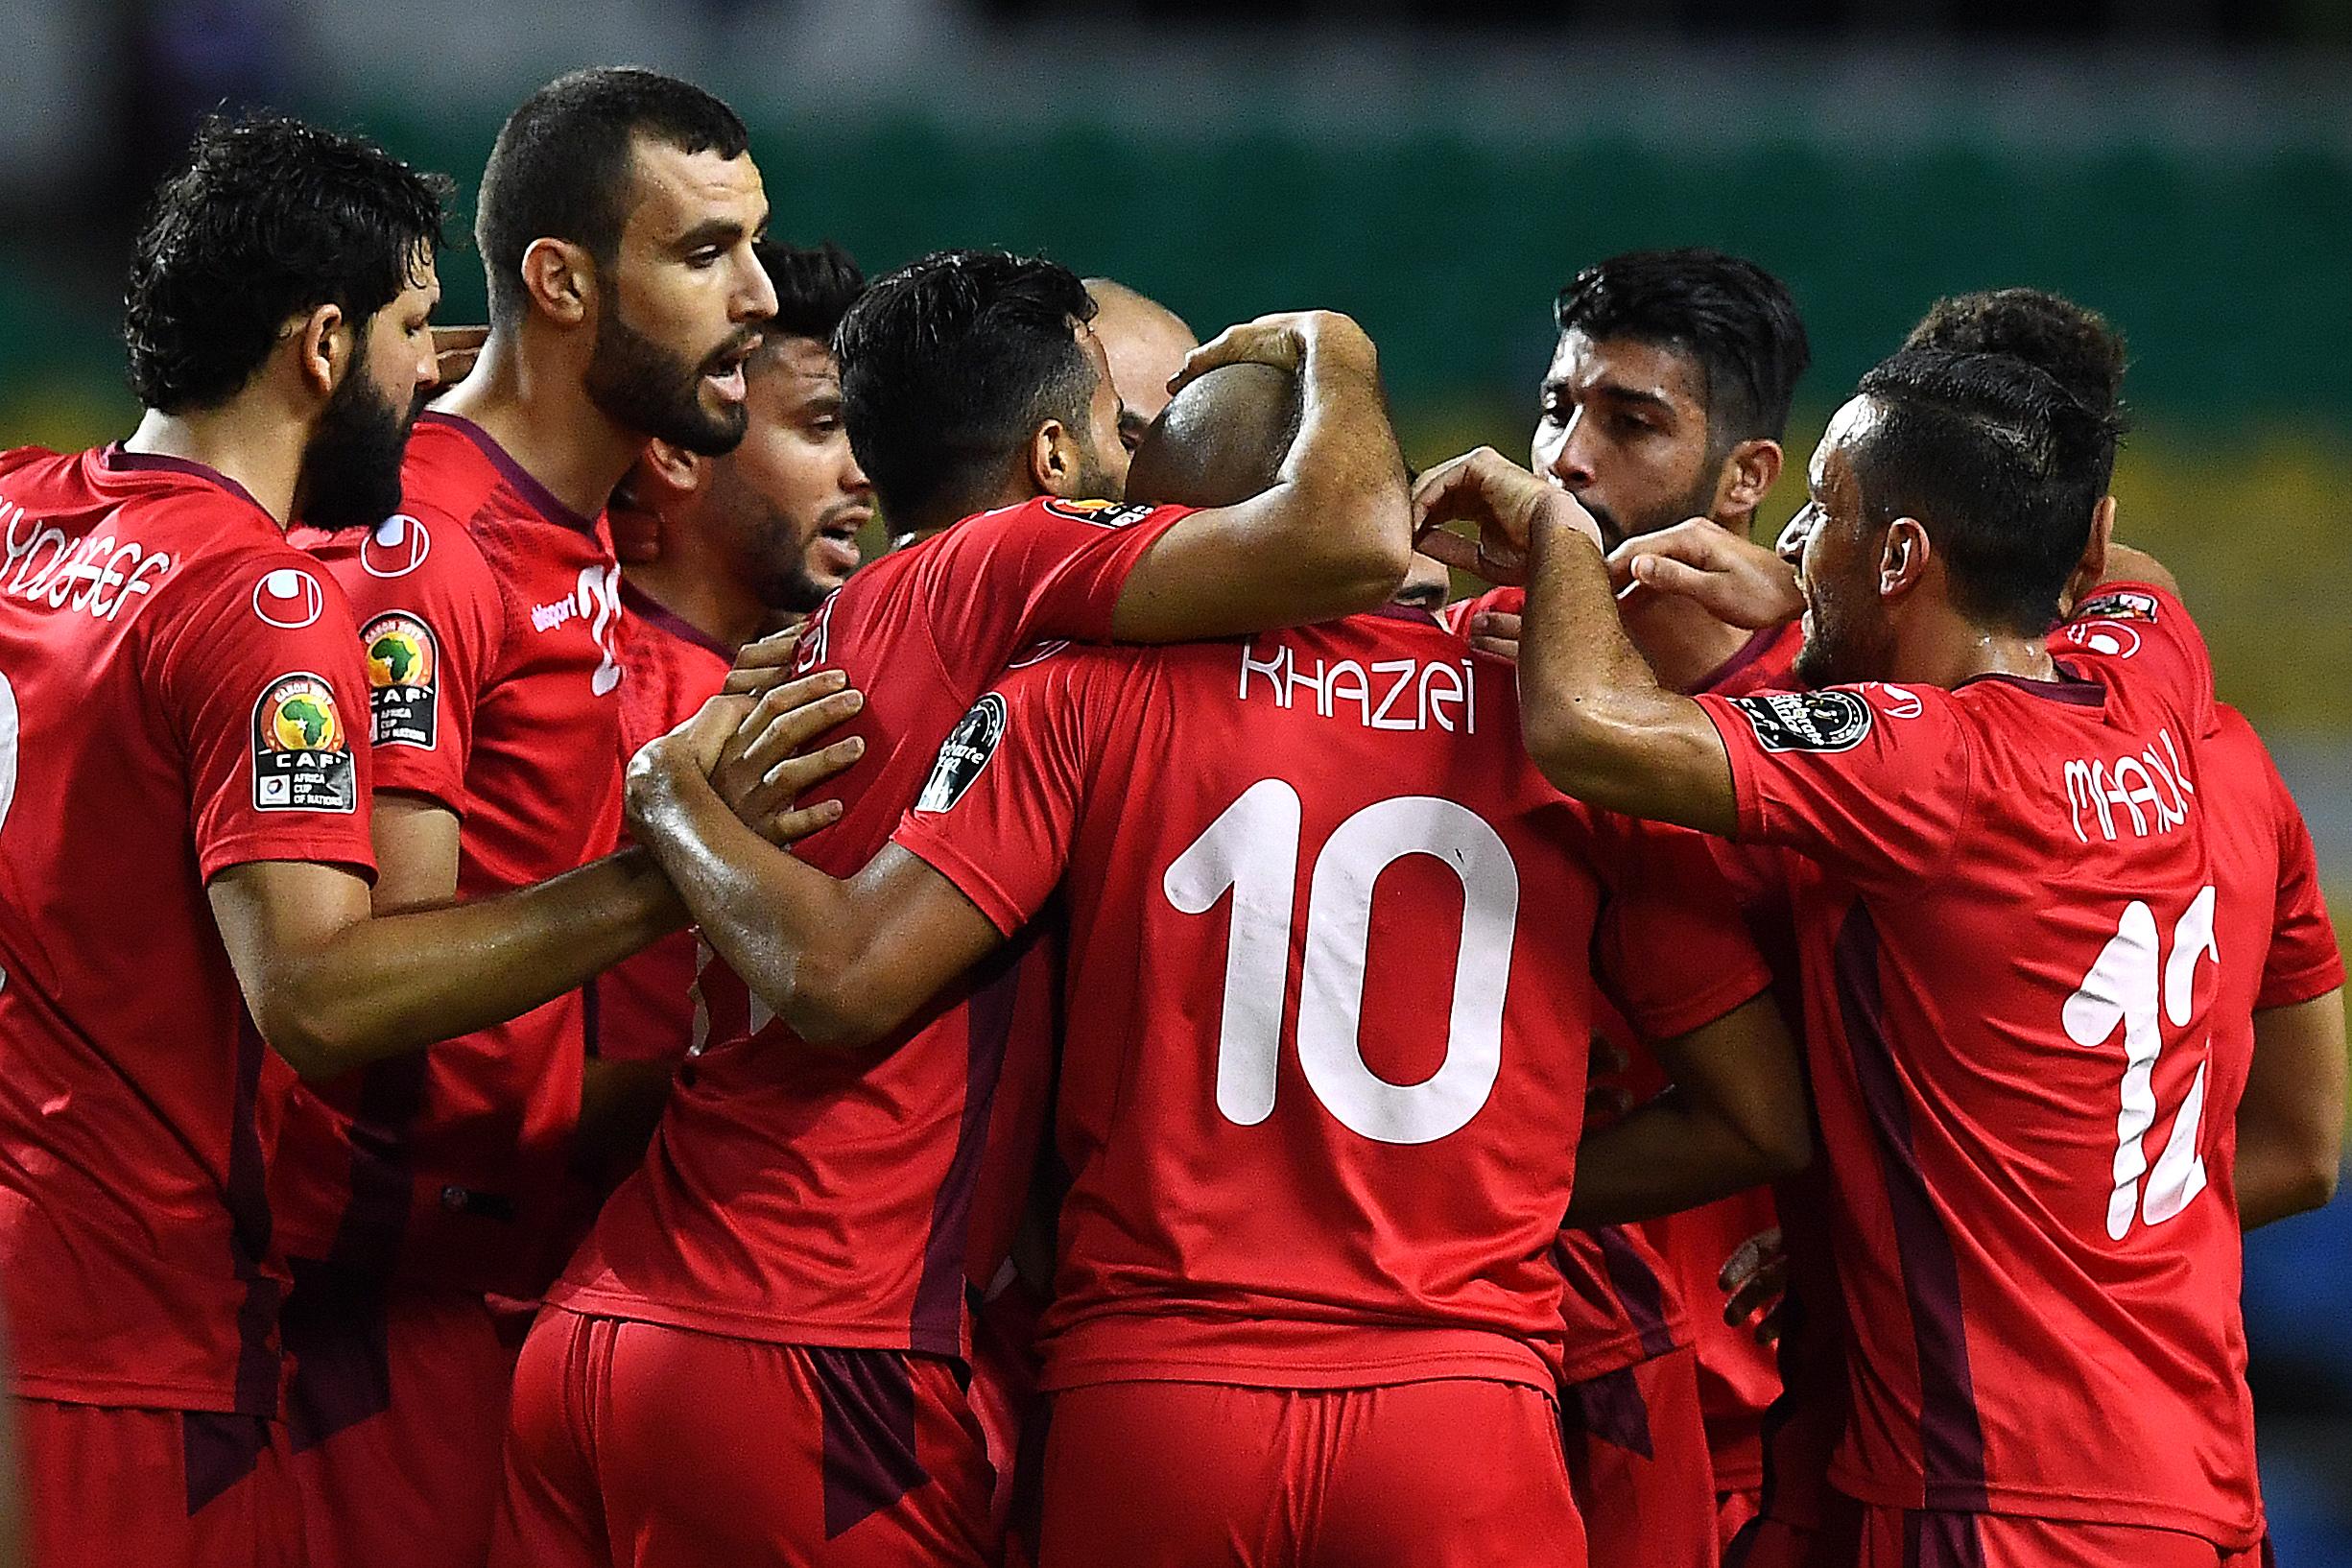 تونس تفوز على زيمبابوي برباعية. وتتأهل لدور ربع النهائي